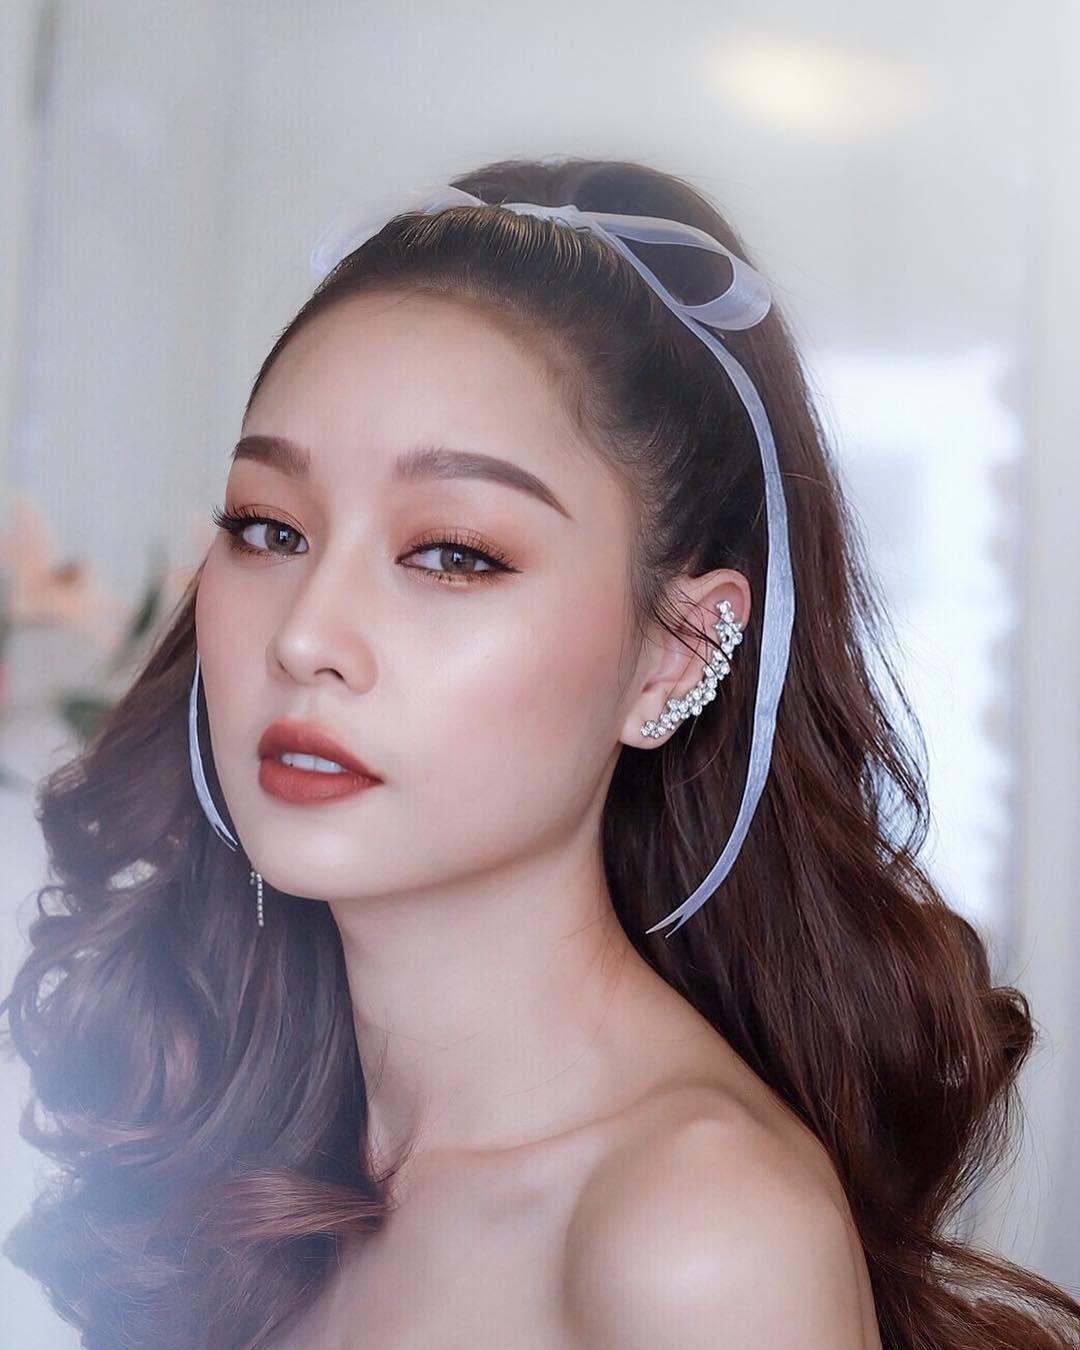 Soi mặt mộc của dàn mỹ nhân chuyển giới hot nhất Thái Lan: Nong Poy quá đỉnh, Yoshi đẹp tựa thiên thần đời thực - Ảnh 18